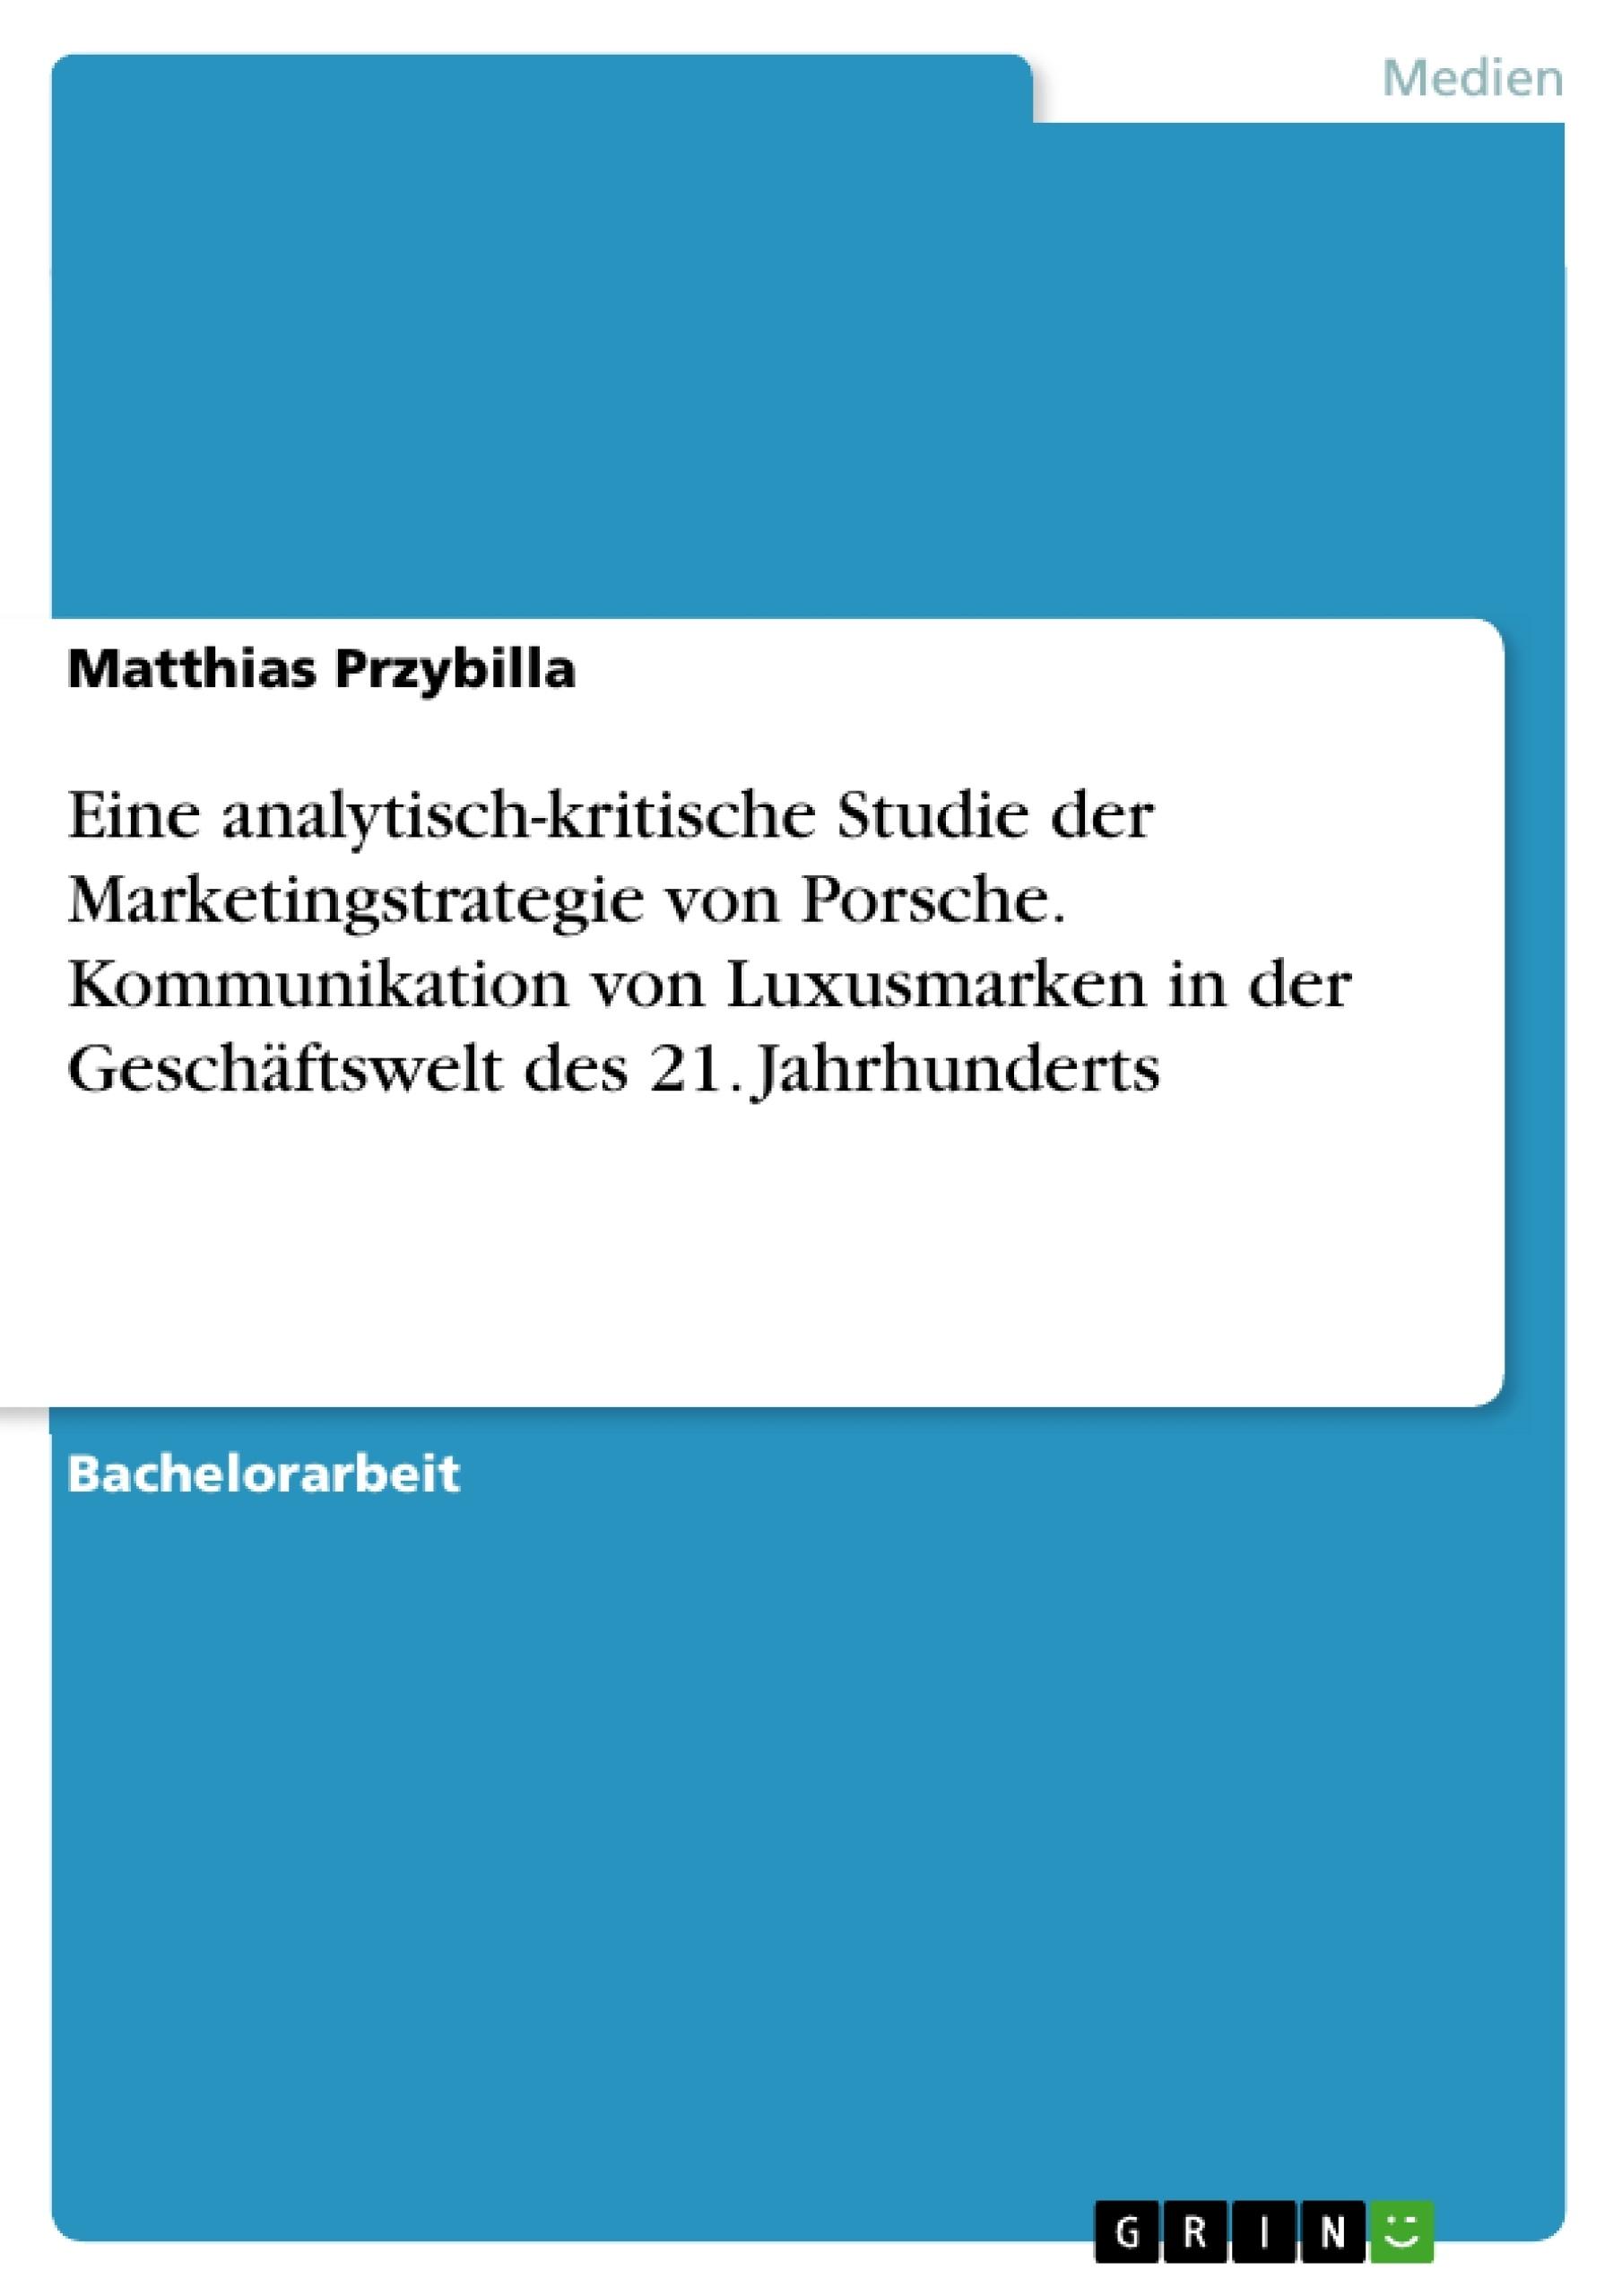 Titel: Eine analytisch-kritische Studie der Marketingstrategie von Porsche. Kommunikation von Luxusmarken in der Geschäftswelt des 21. Jahrhunderts